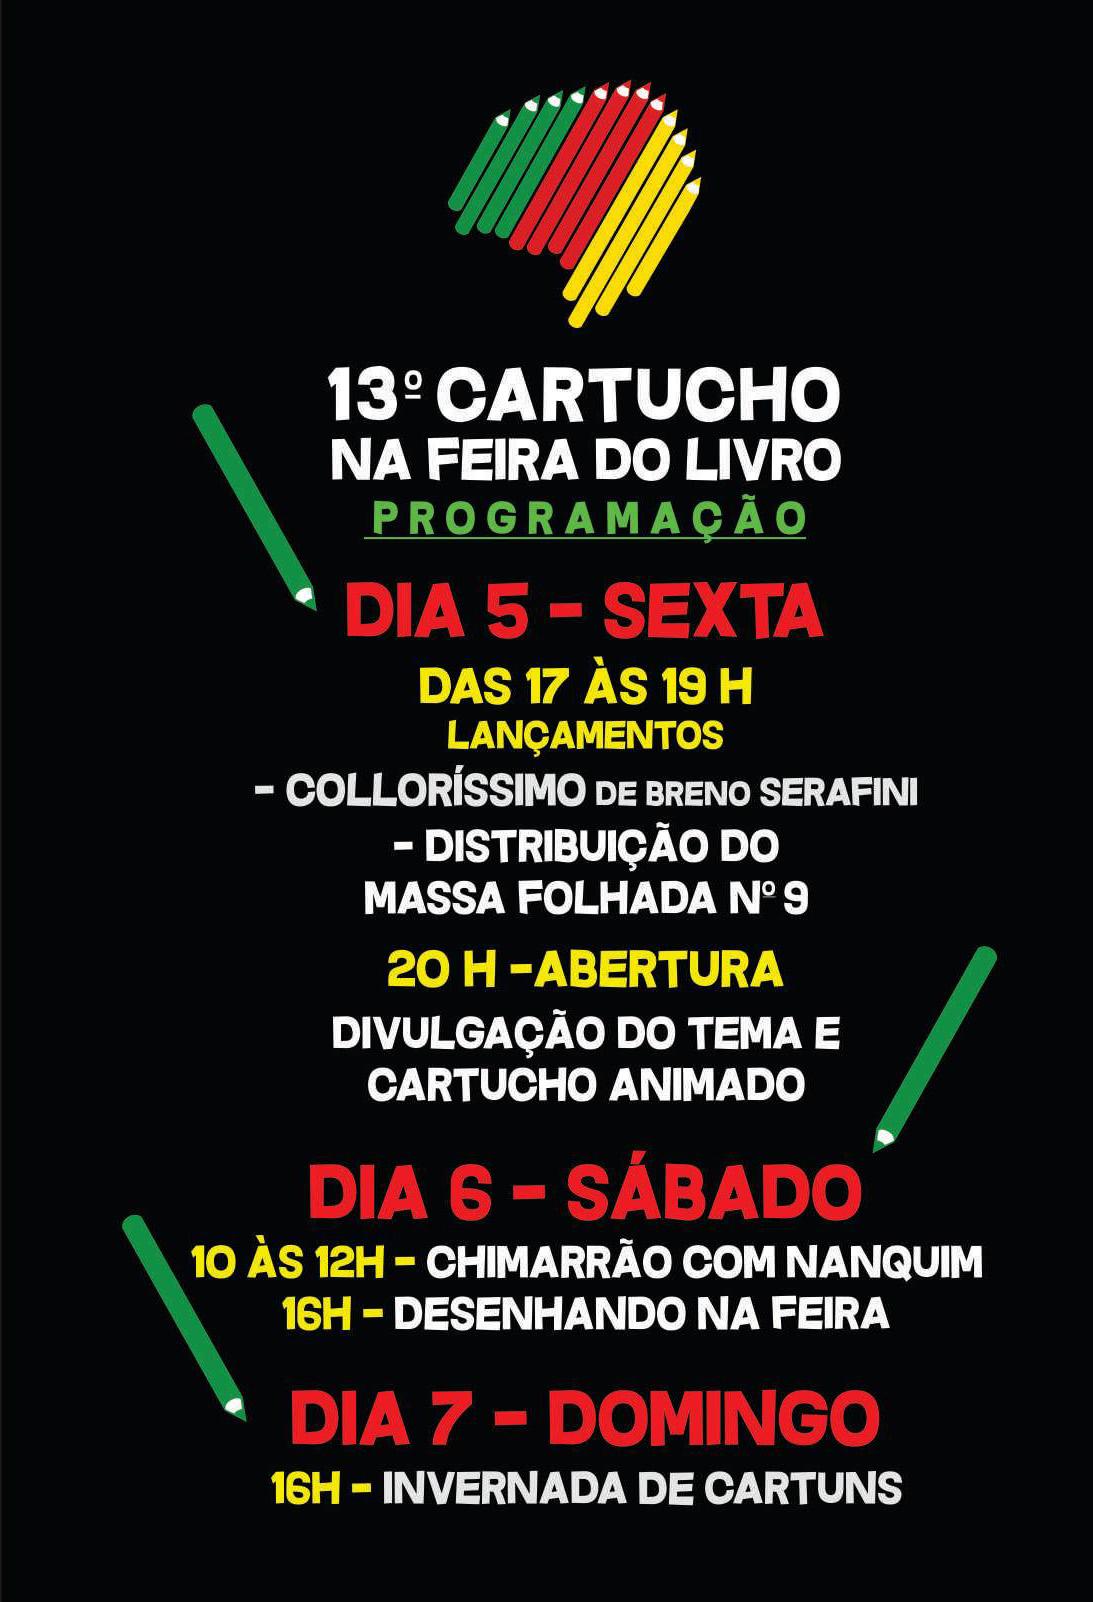 cartucho002